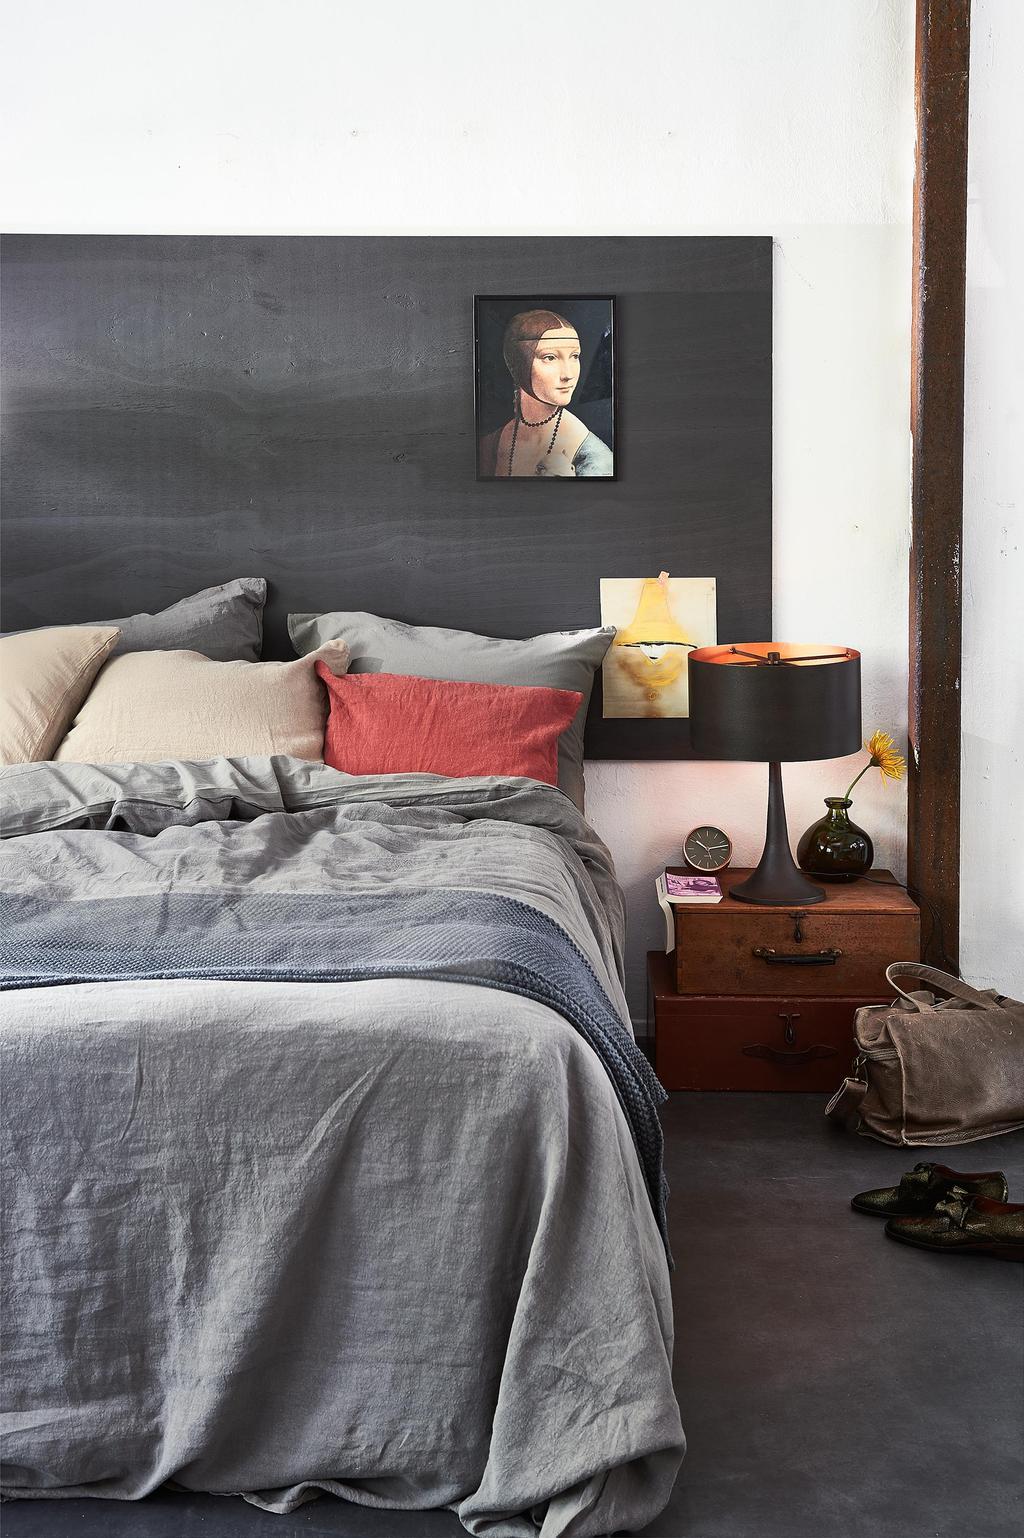 Maak eenvoudig een hoofdbord voor achter het bed